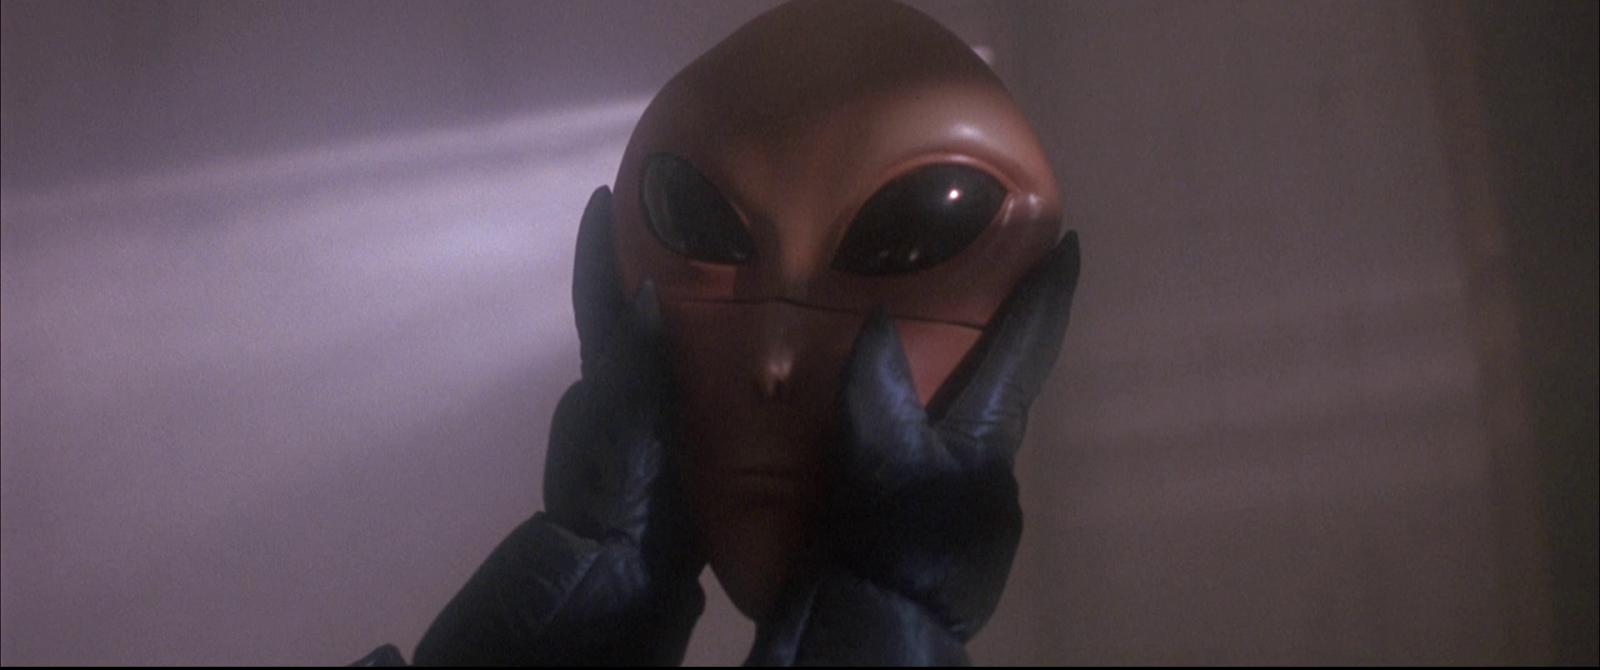 Alien Explorations  Communion  1989